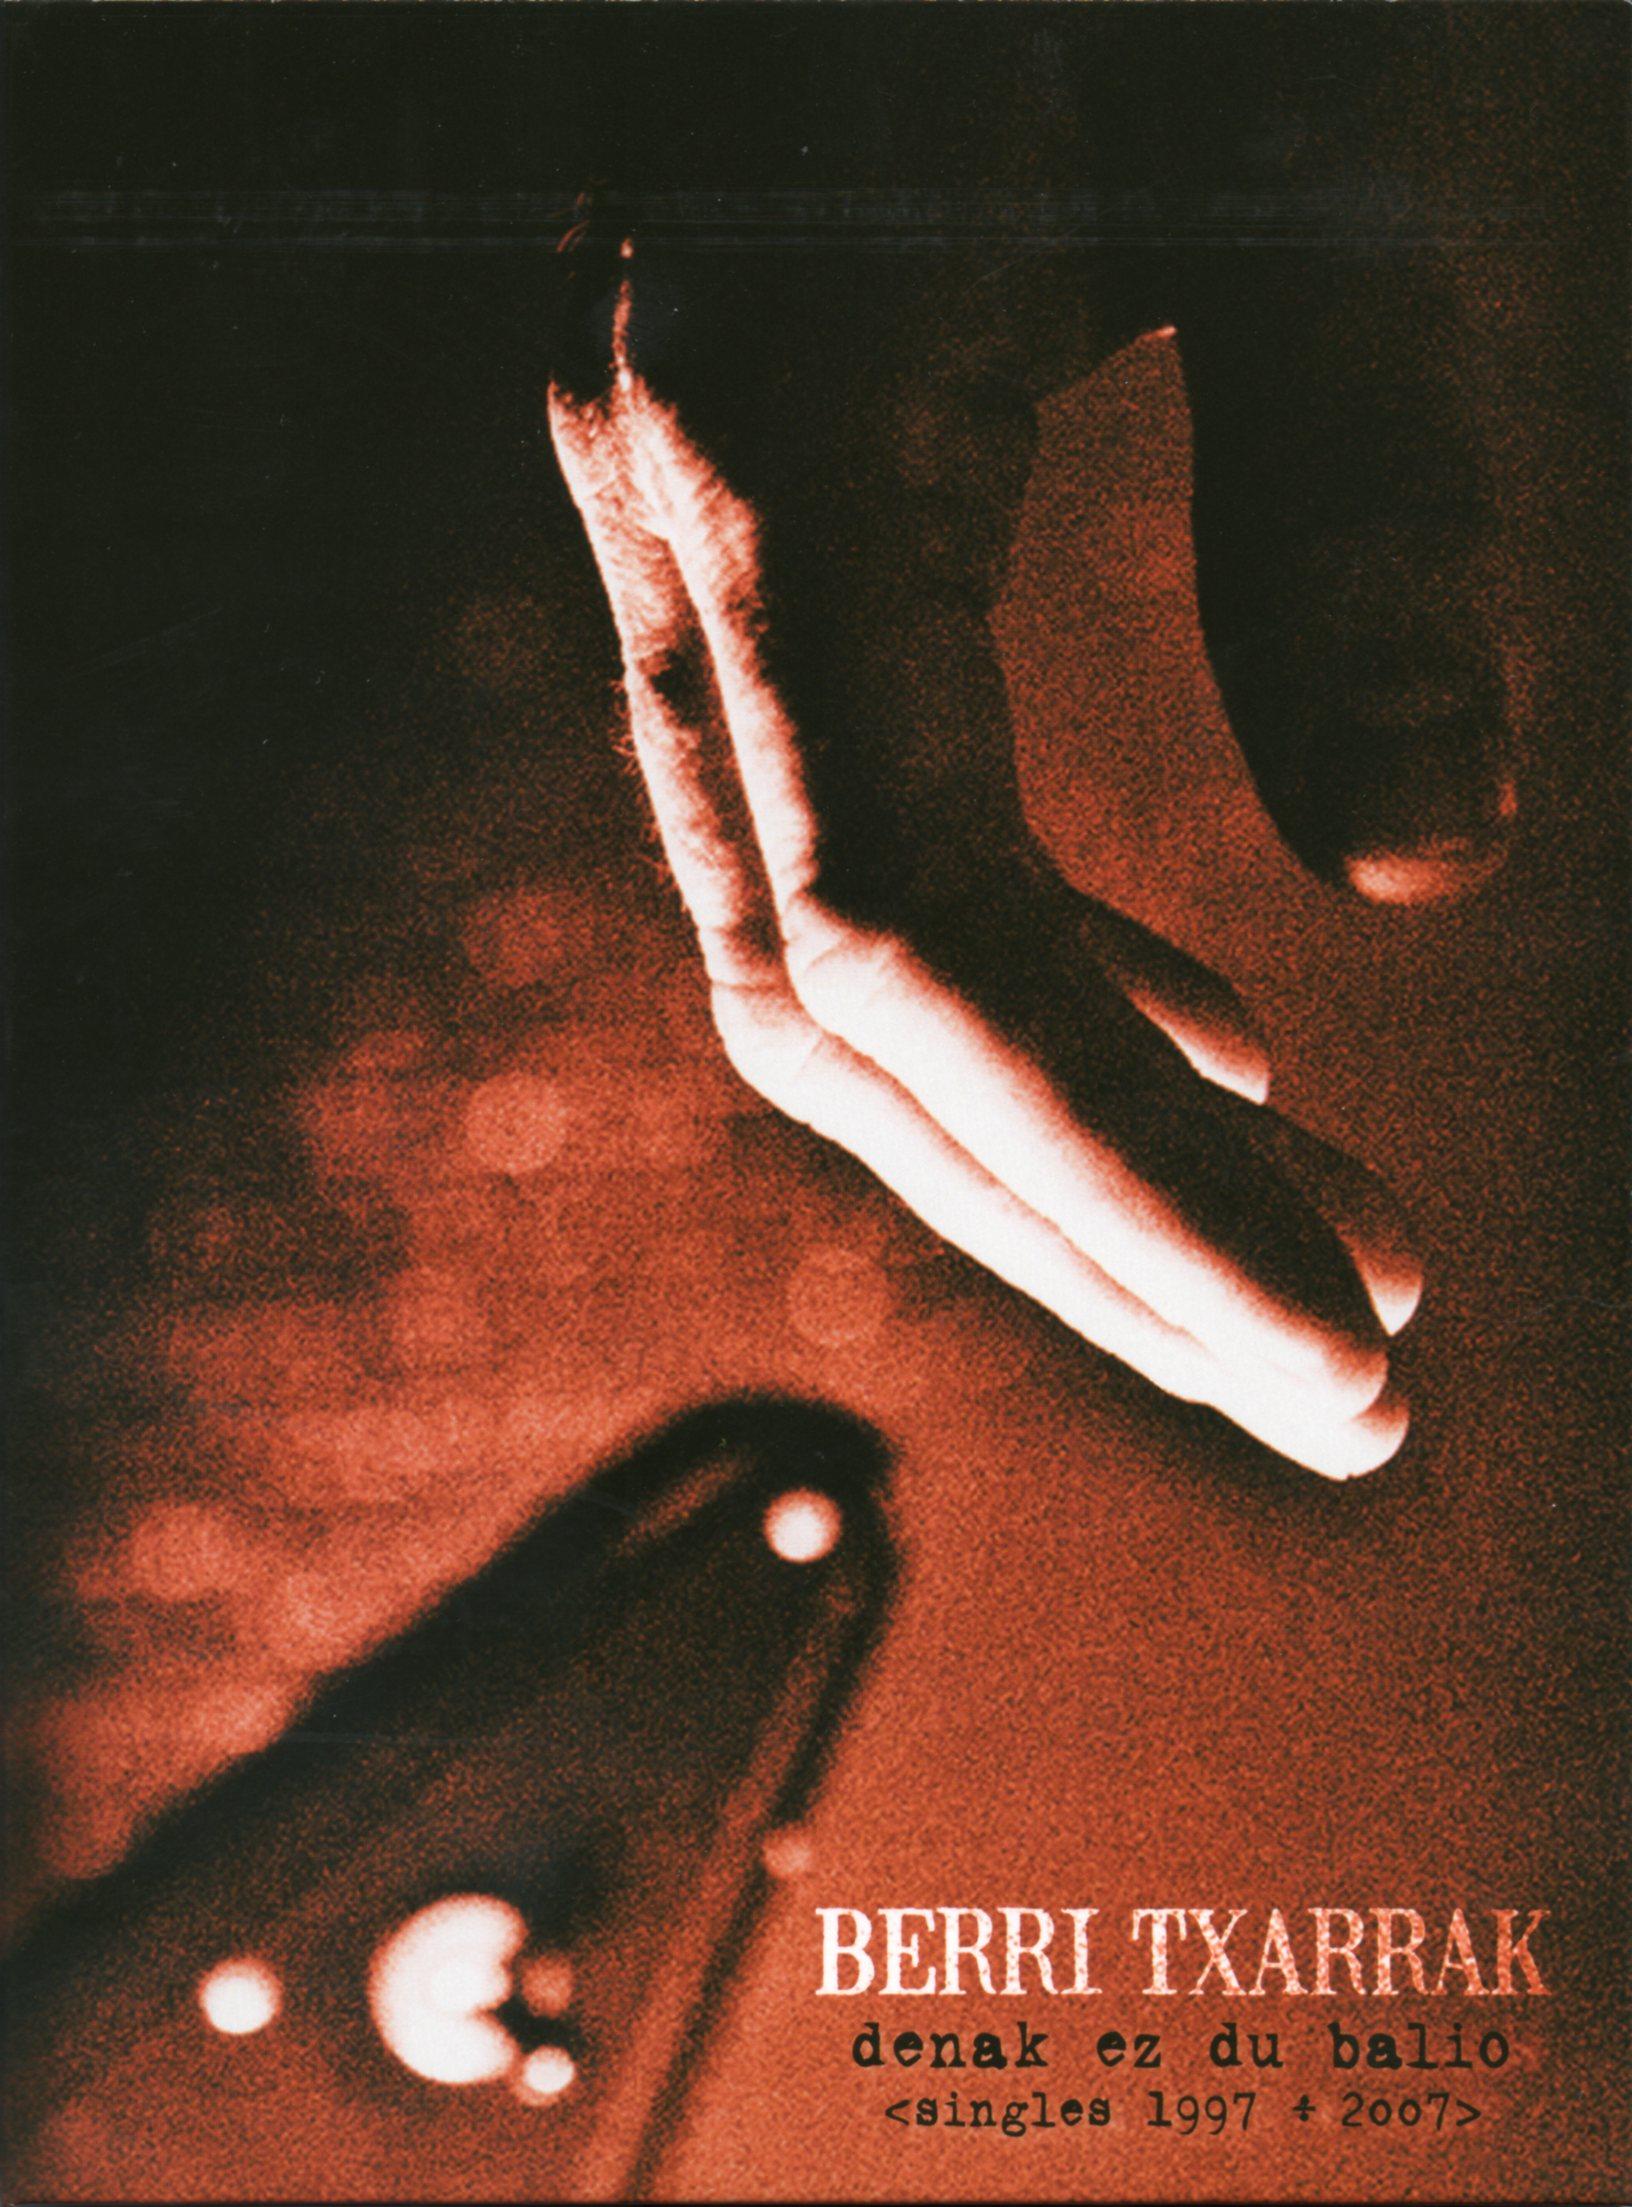 Denak ez du balio. Singles 1997-2007